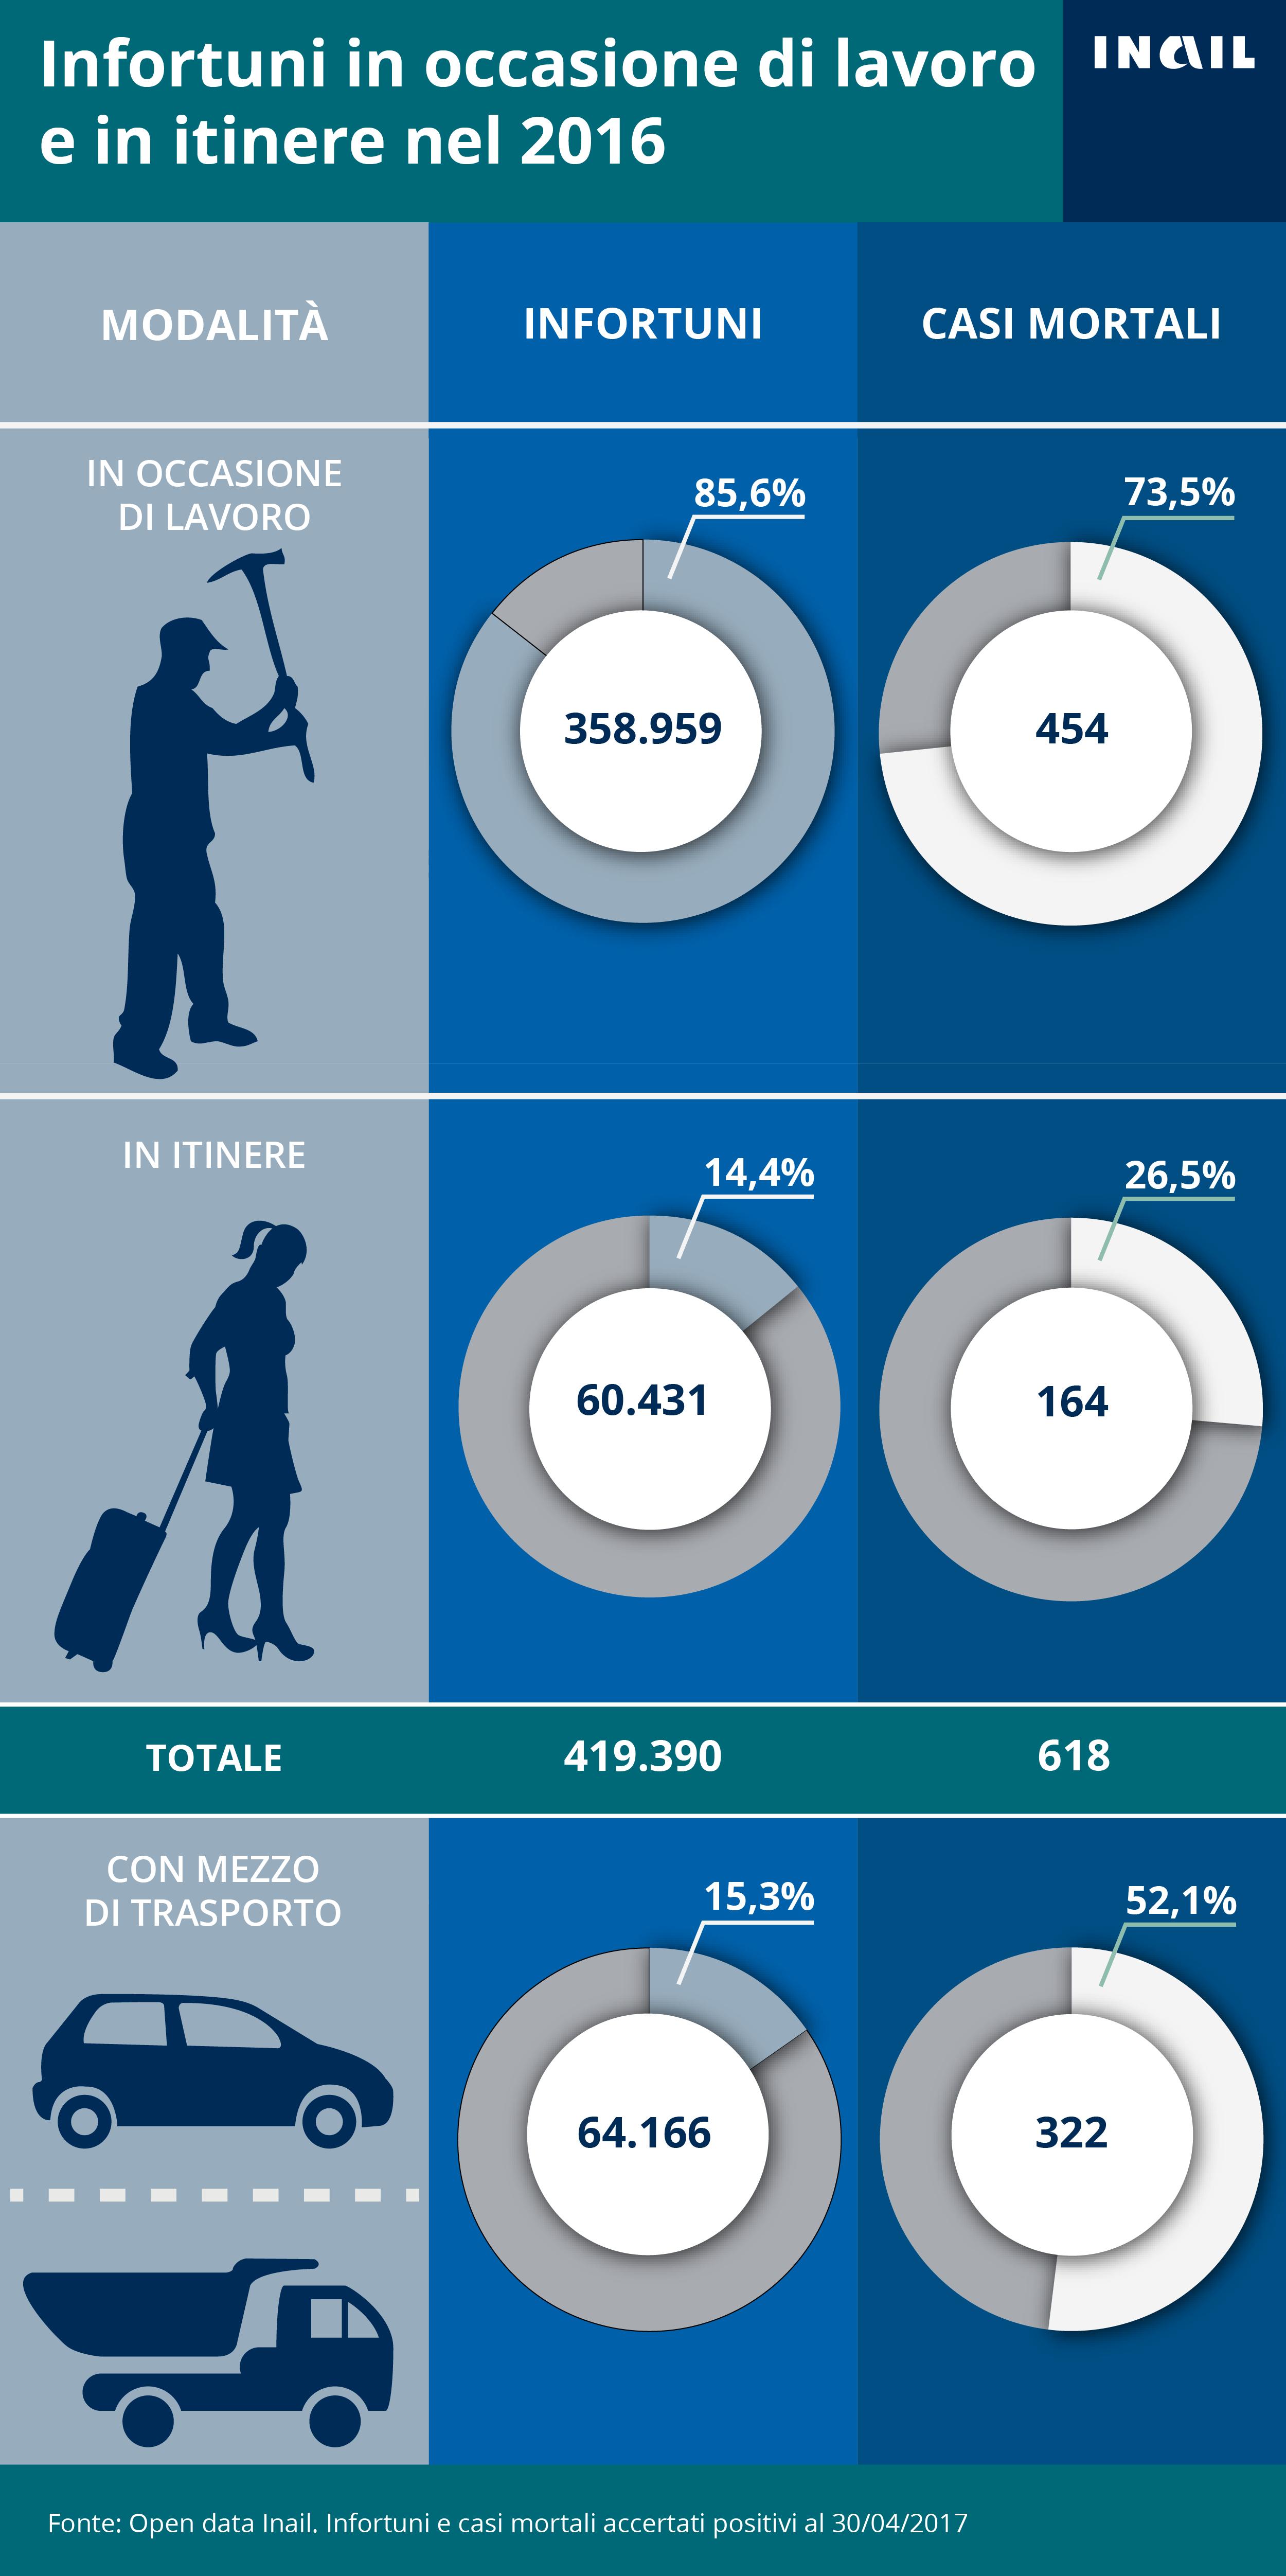 L'infografica illustra Gli infortuni accertati dall'Inail per modalità di accadimento (in occasione di lavoro e in itinere) - 2016